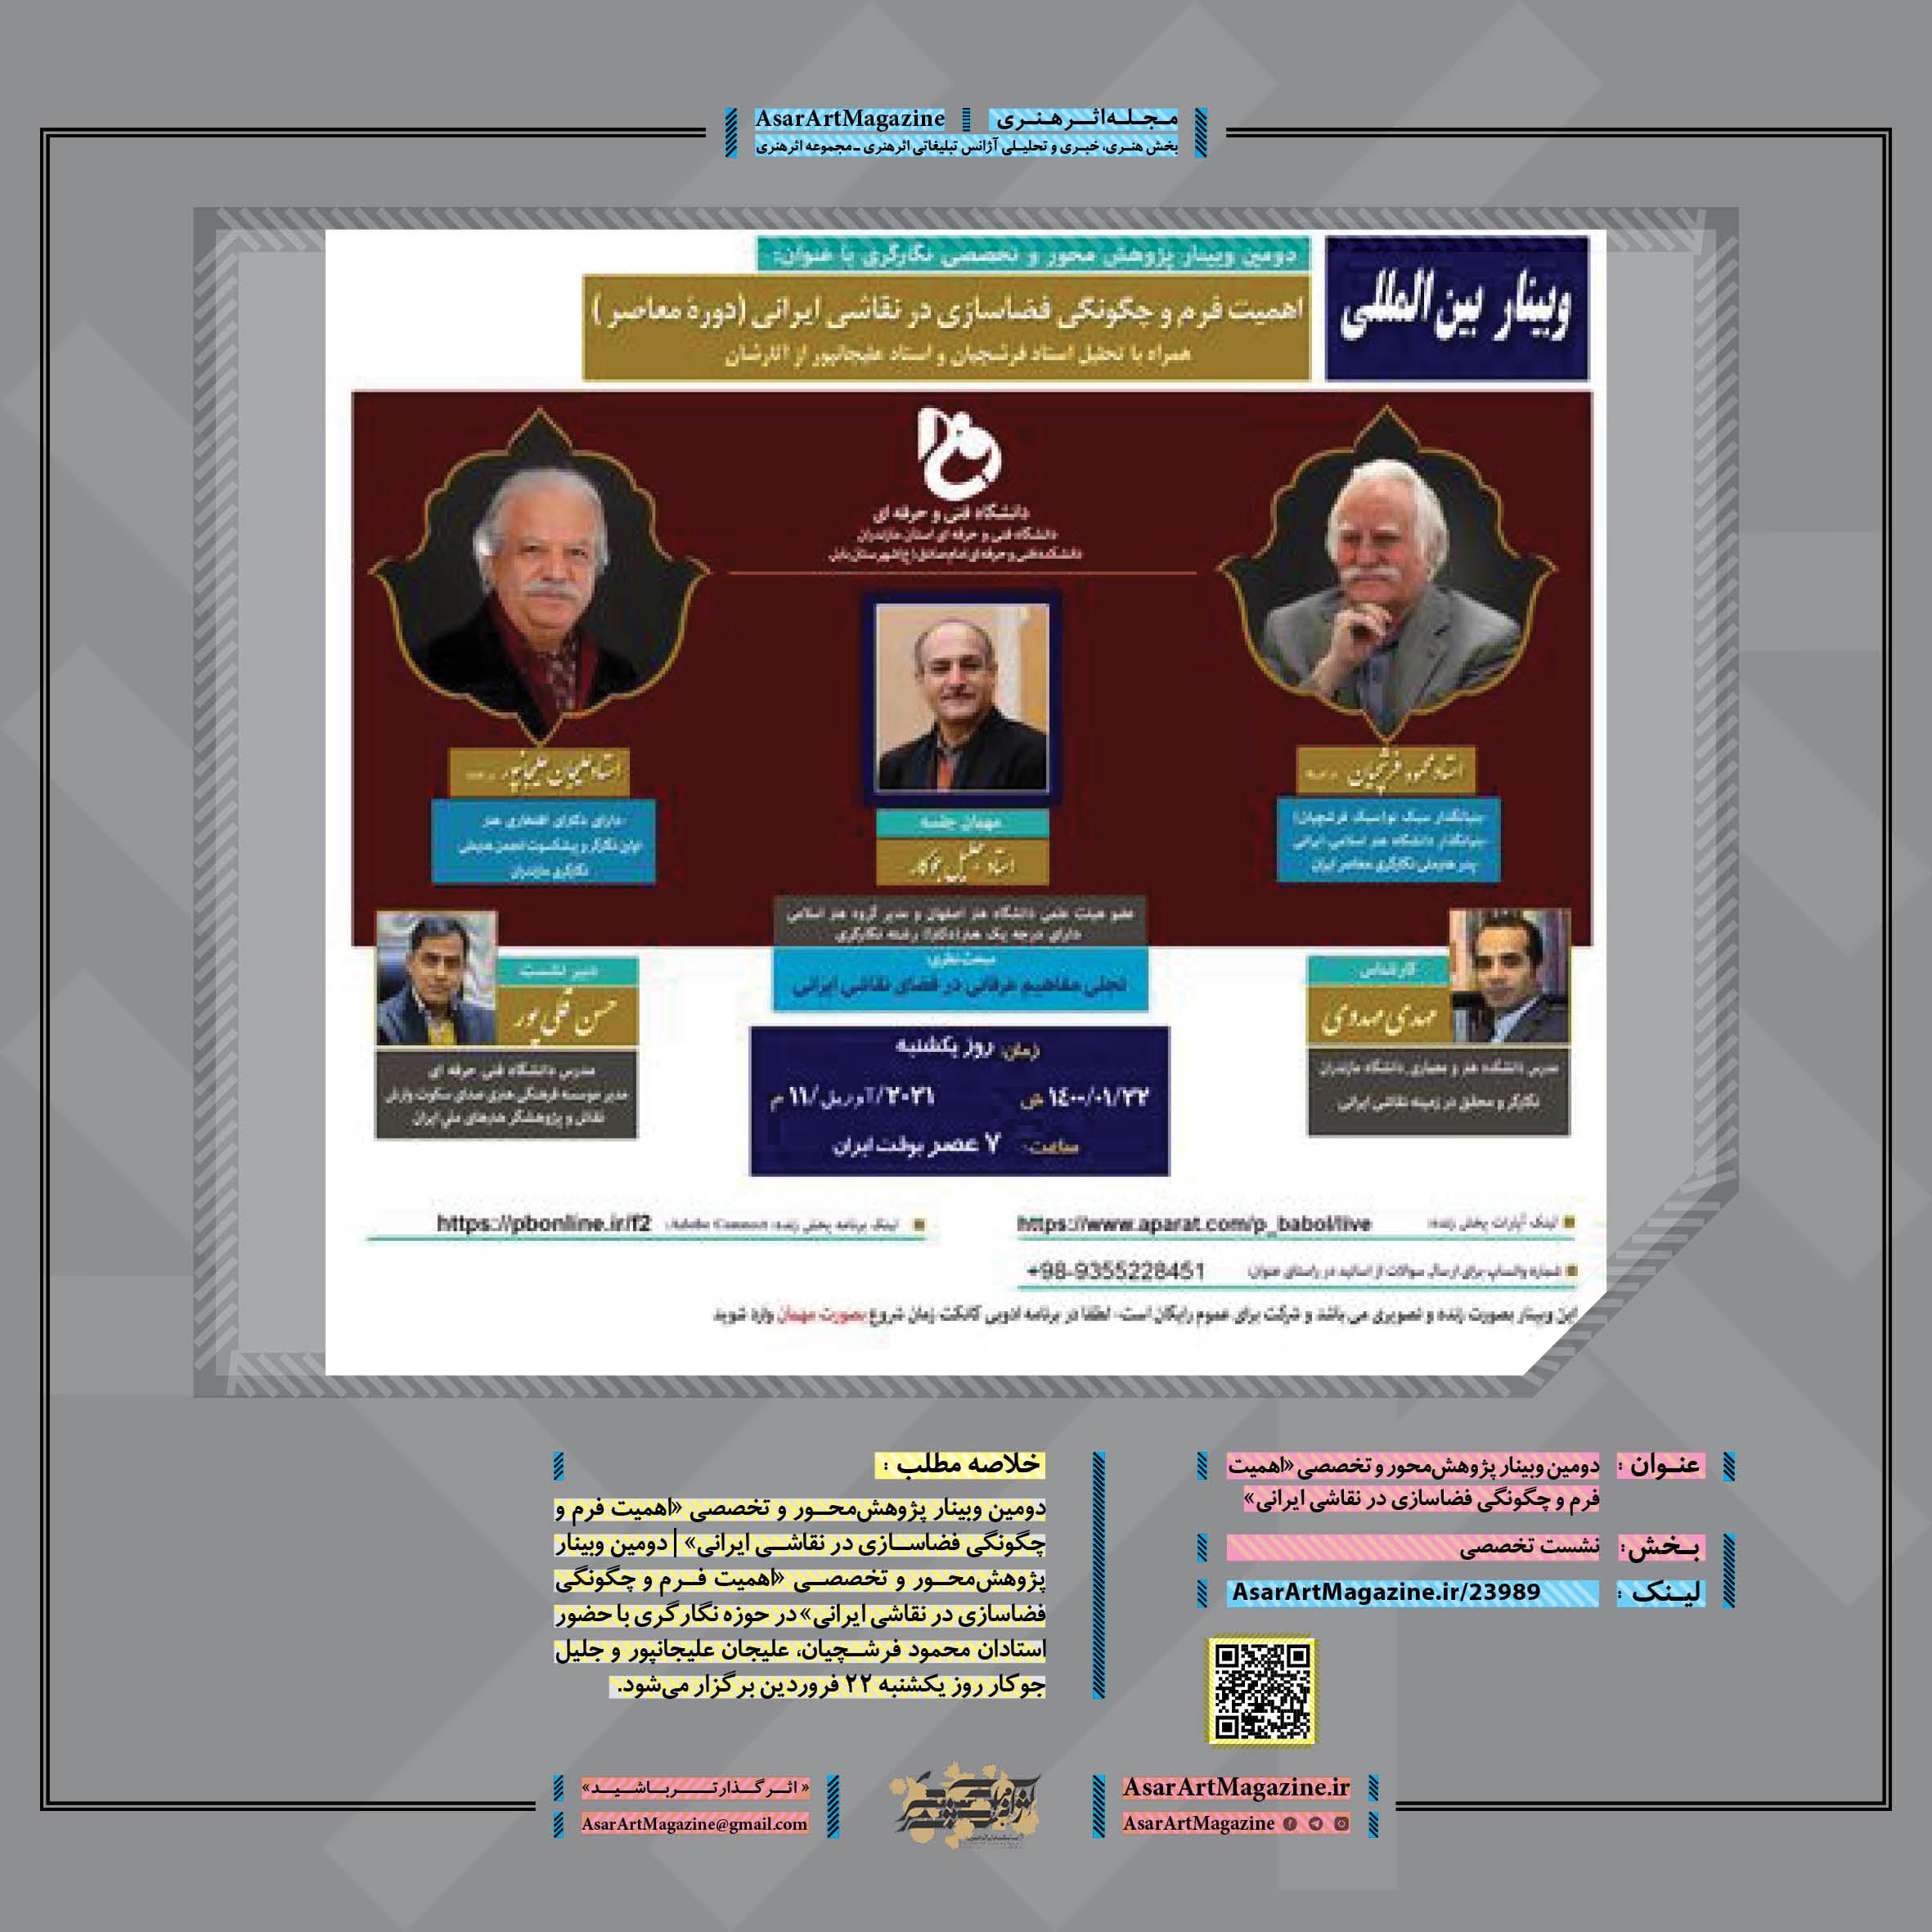 دومین وبینار پژوهشمحور و تخصصی «اهمیت فرم و چگونگی فضاسازی در نقاشی ایرانی» لینک : https://asarartmagazine.ir/?p=23989 👇 سایت : AsarArtMagazine.ir اینستاگرام : instagram.com/AsarArtMagazine تلگرام :  t.me/AsarArtMagazine فیسبوک : facebook.com/AsarArtMagazine 👆